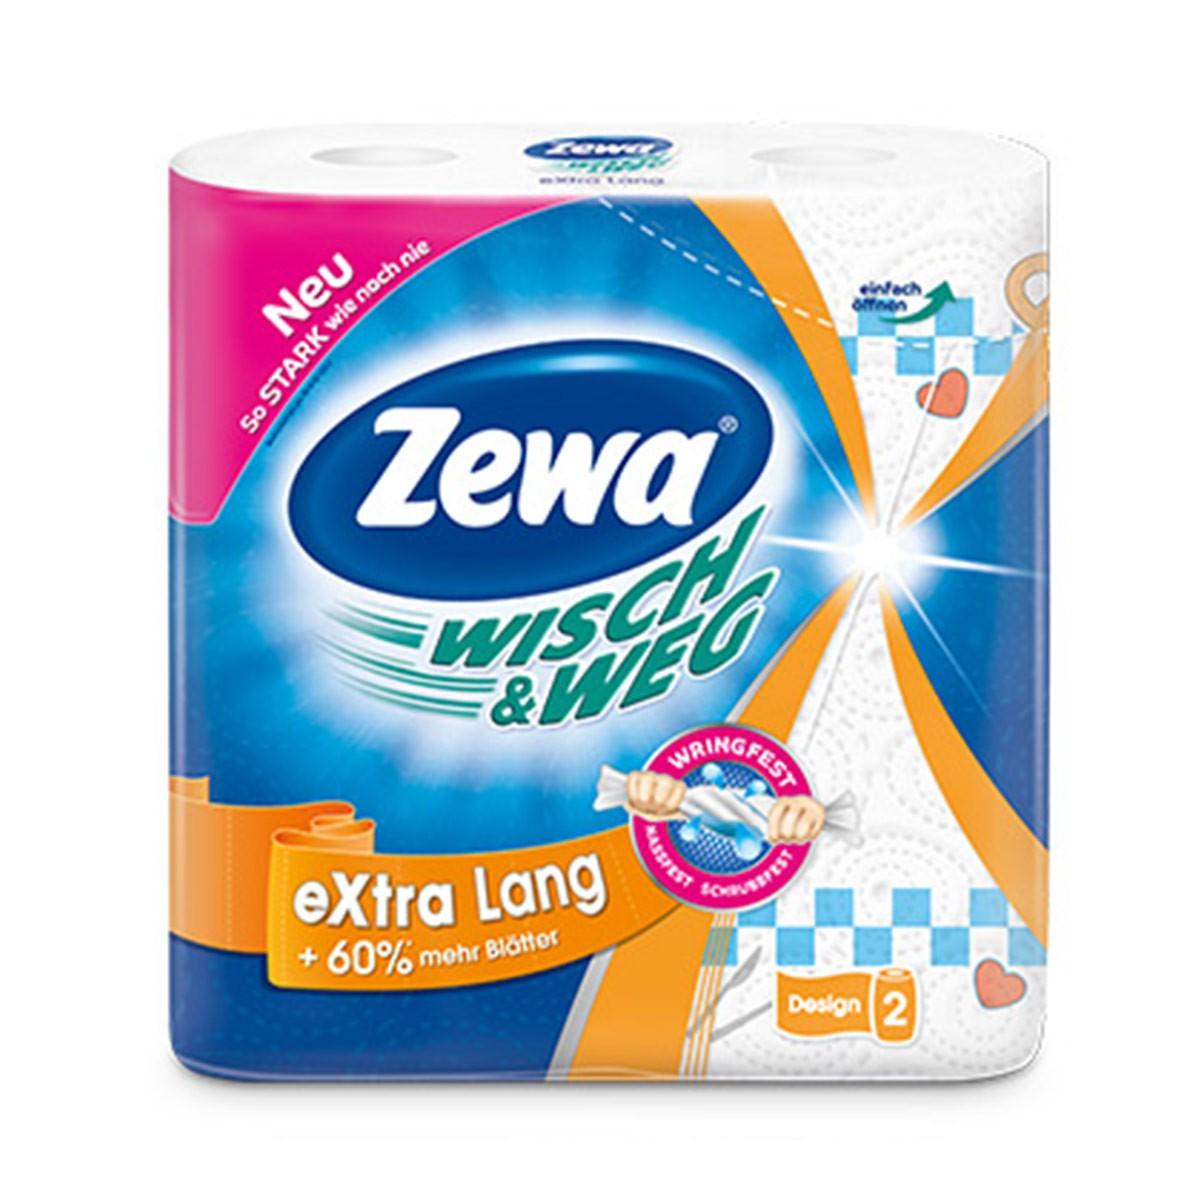 Бумажные полотенца Zewa Wish & Weg, двухслойные, 2 рулона42830Бумажные полотенца с рисунком от ZEWA – это яркий стиль жизни. Два плотных слоя прочных полотенец обеспечивают легкое удаление сухих и влажных загрязнений. Благодаря красочному дизайну они поднимают настроение и украшают ваш дом.Белые двухслойные прочные бумажные полотенца с цветным рисунком. 2 рулона в упаковке. Состав: целлюлоза.